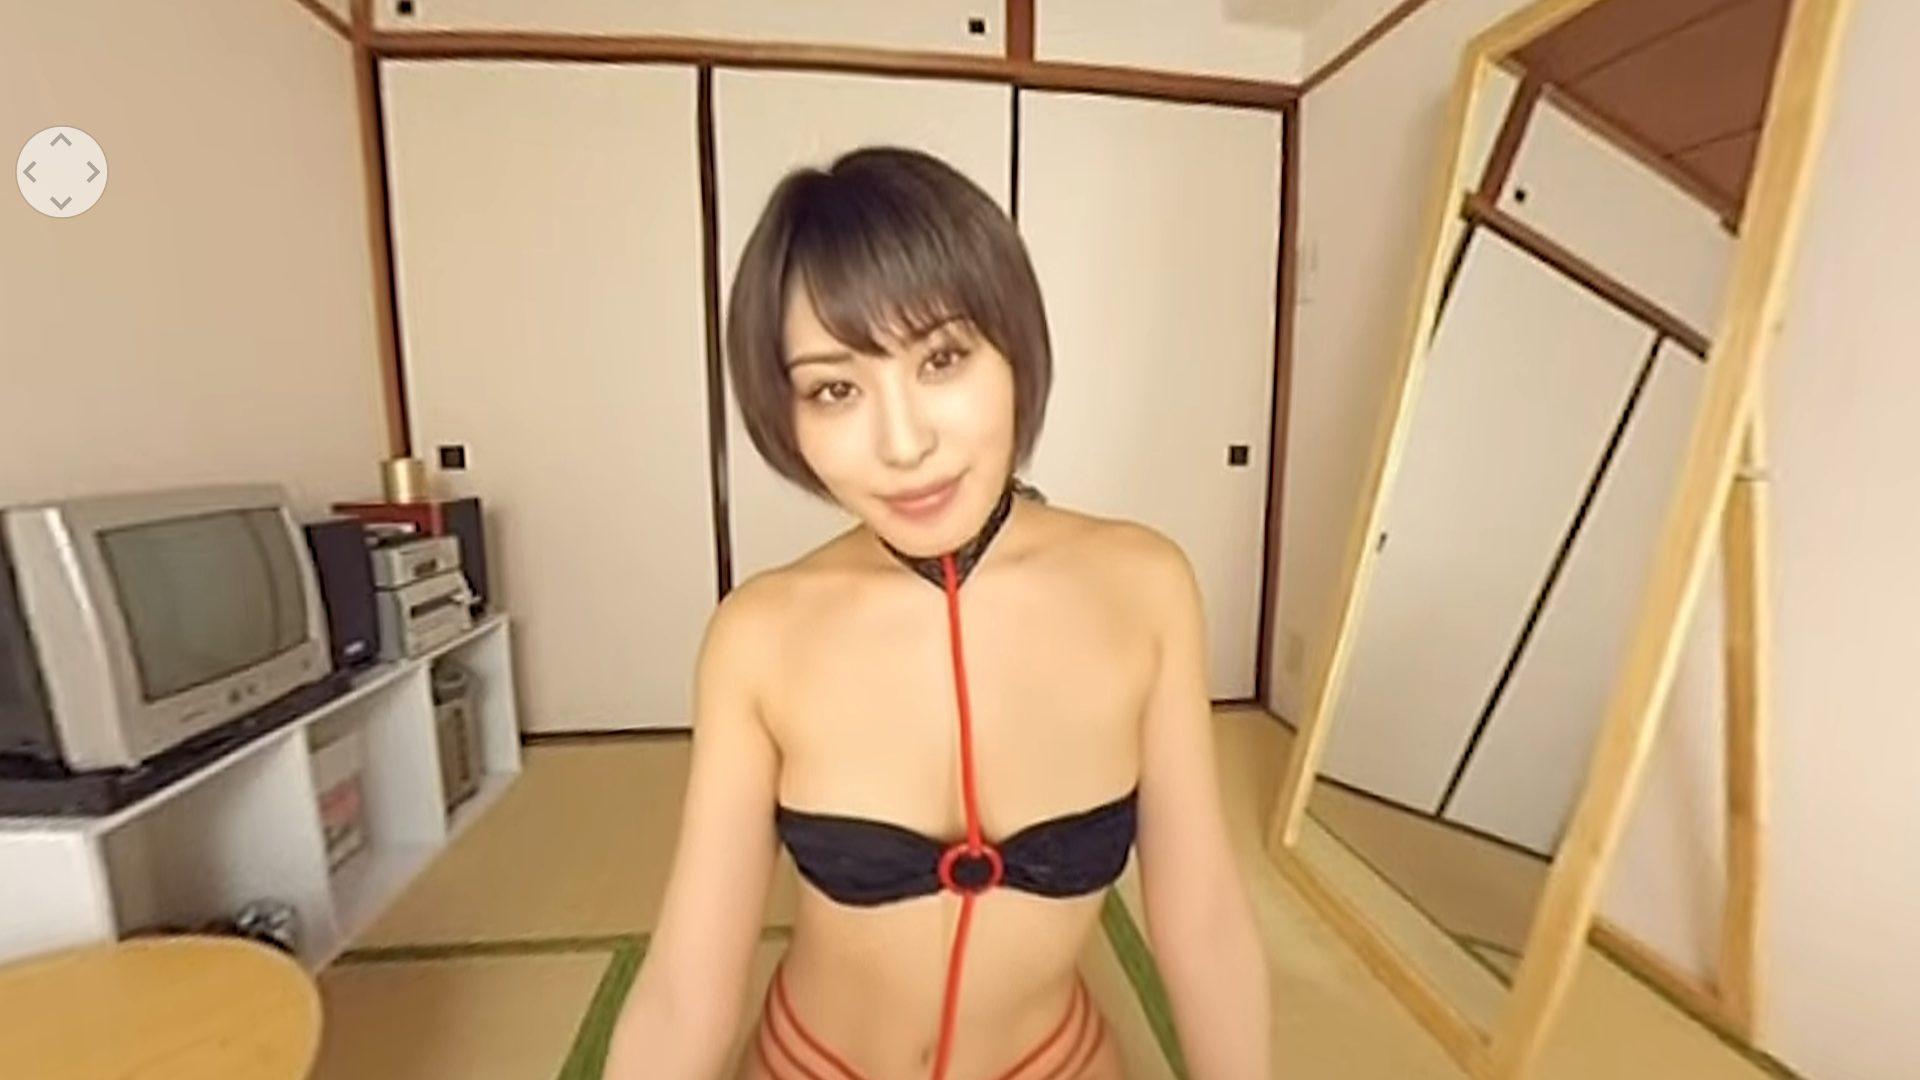 【金子智美】Fカップ11 「【VR】apartment Days! 金子智美 act1」サンプル動画